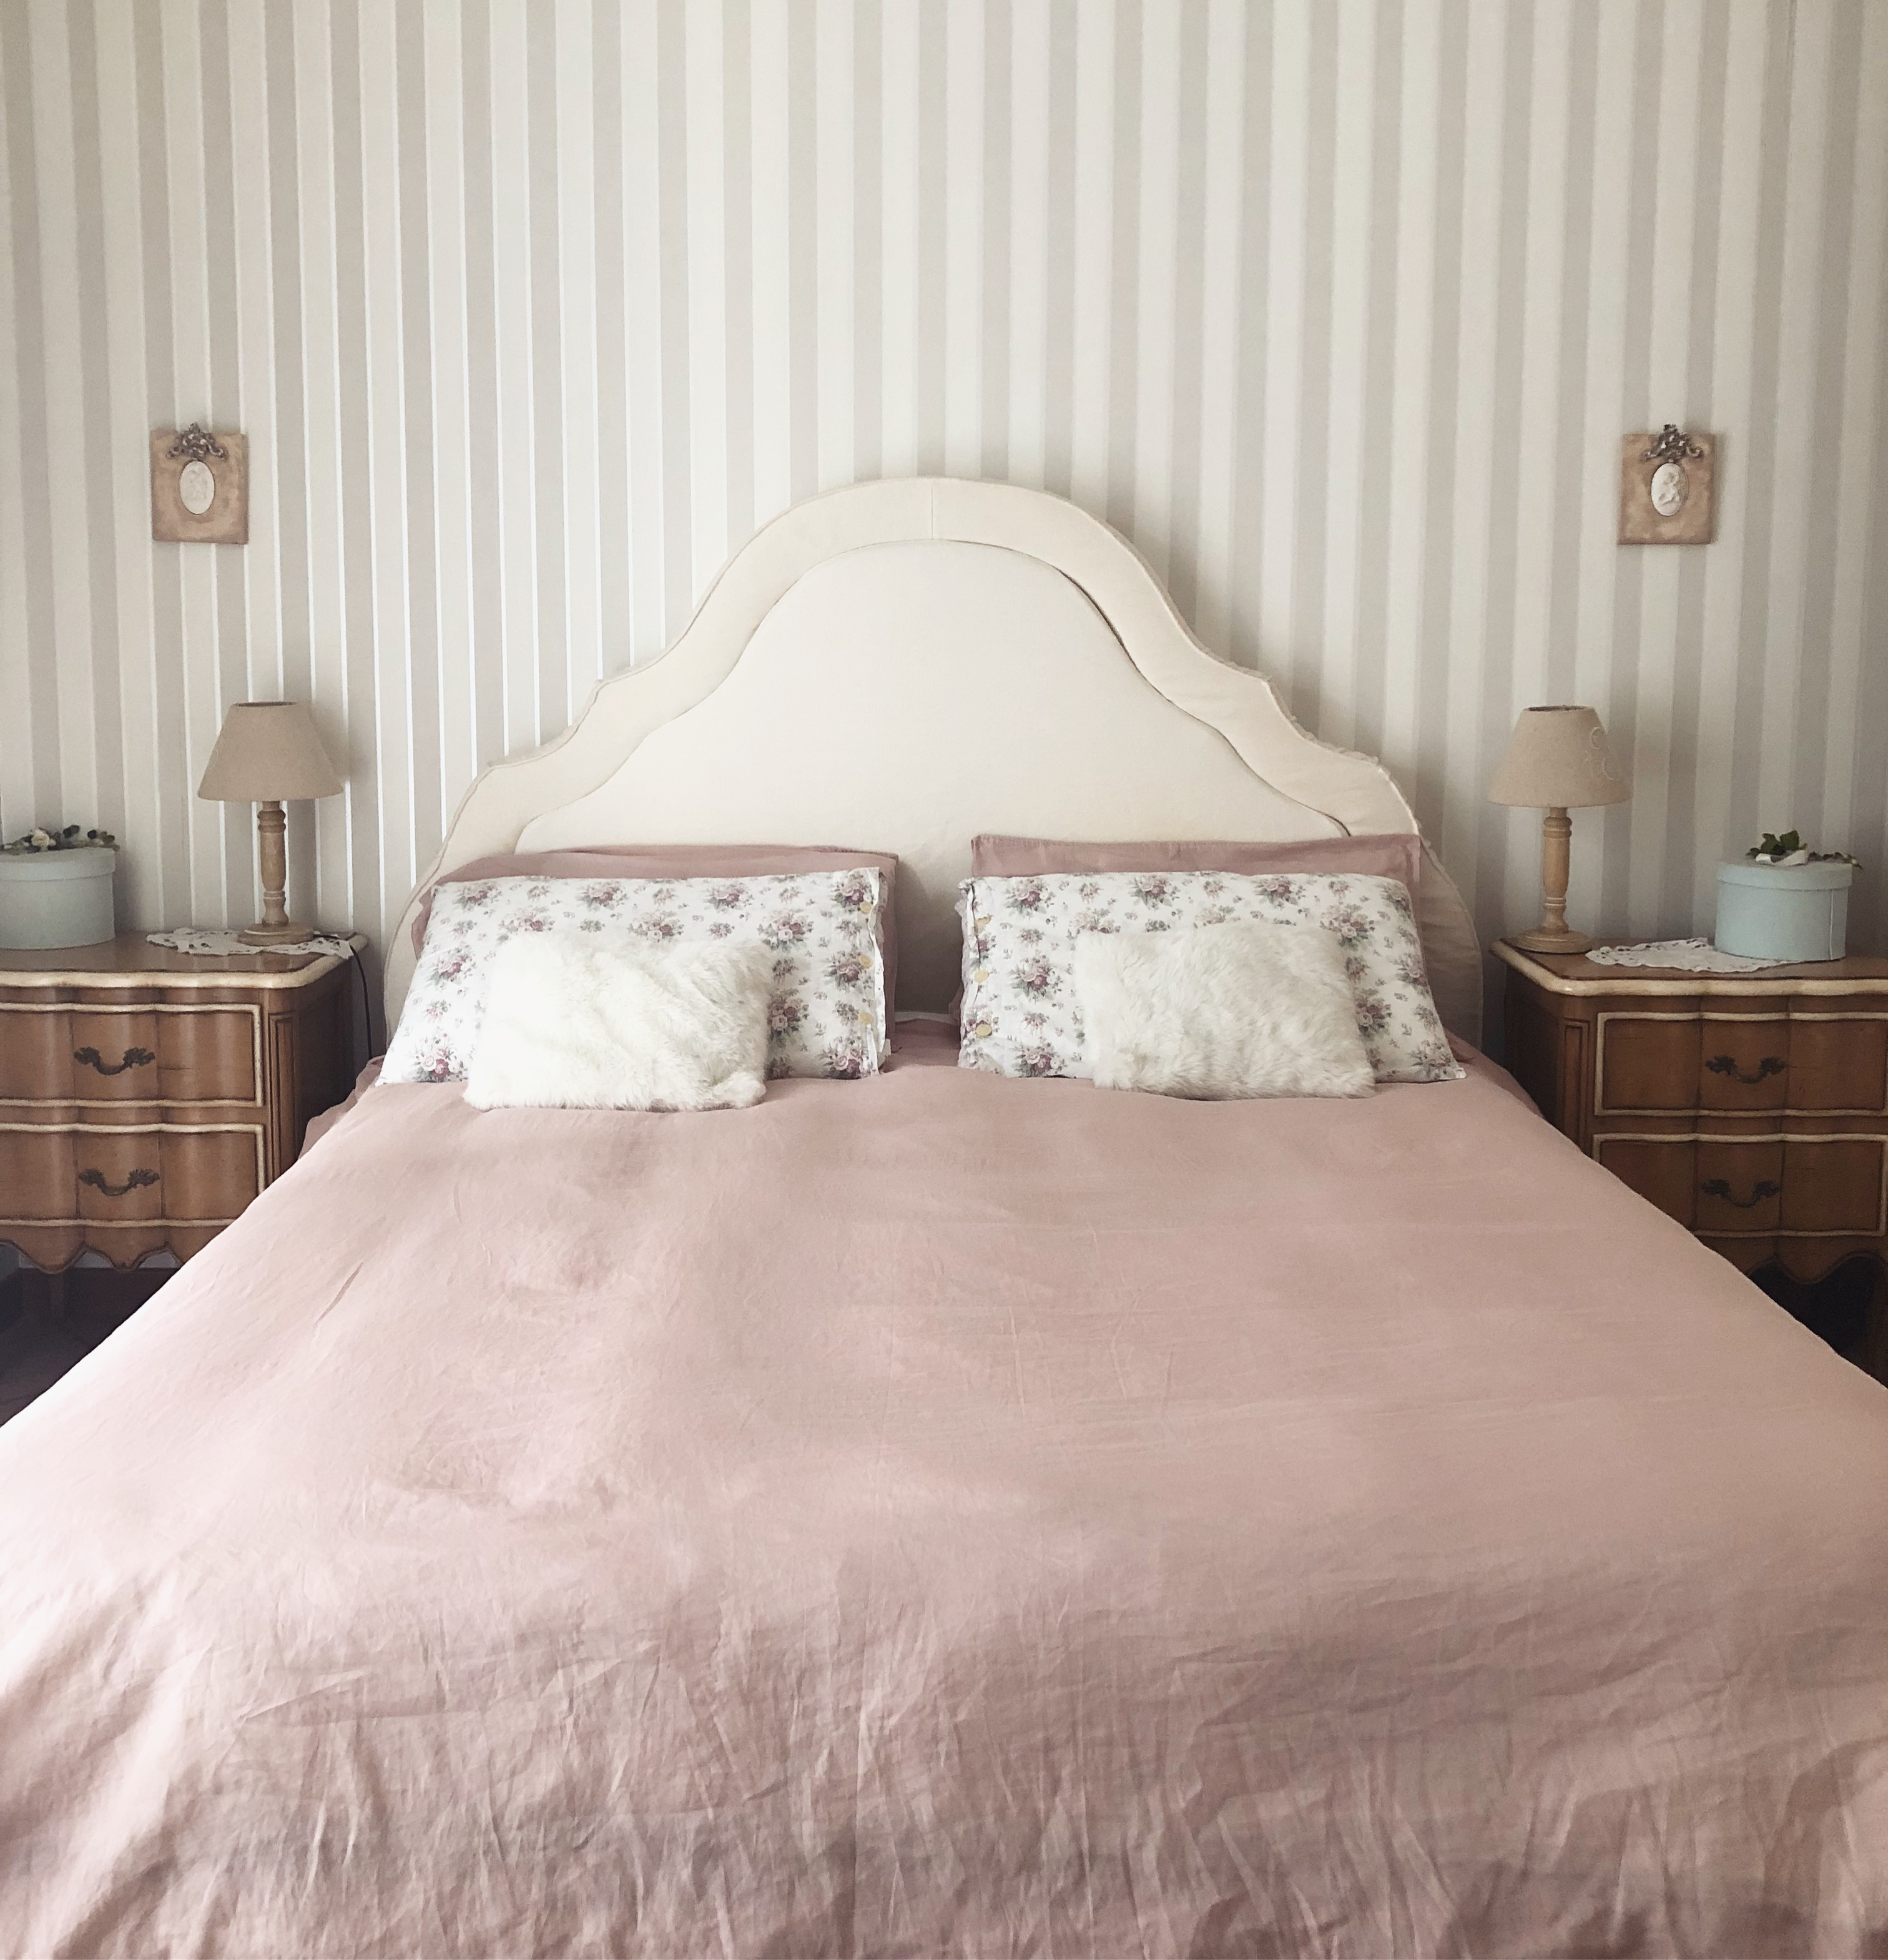 Camera Letto Carta Parati la mia camera da letto in stile provenzale — marica ferrillo